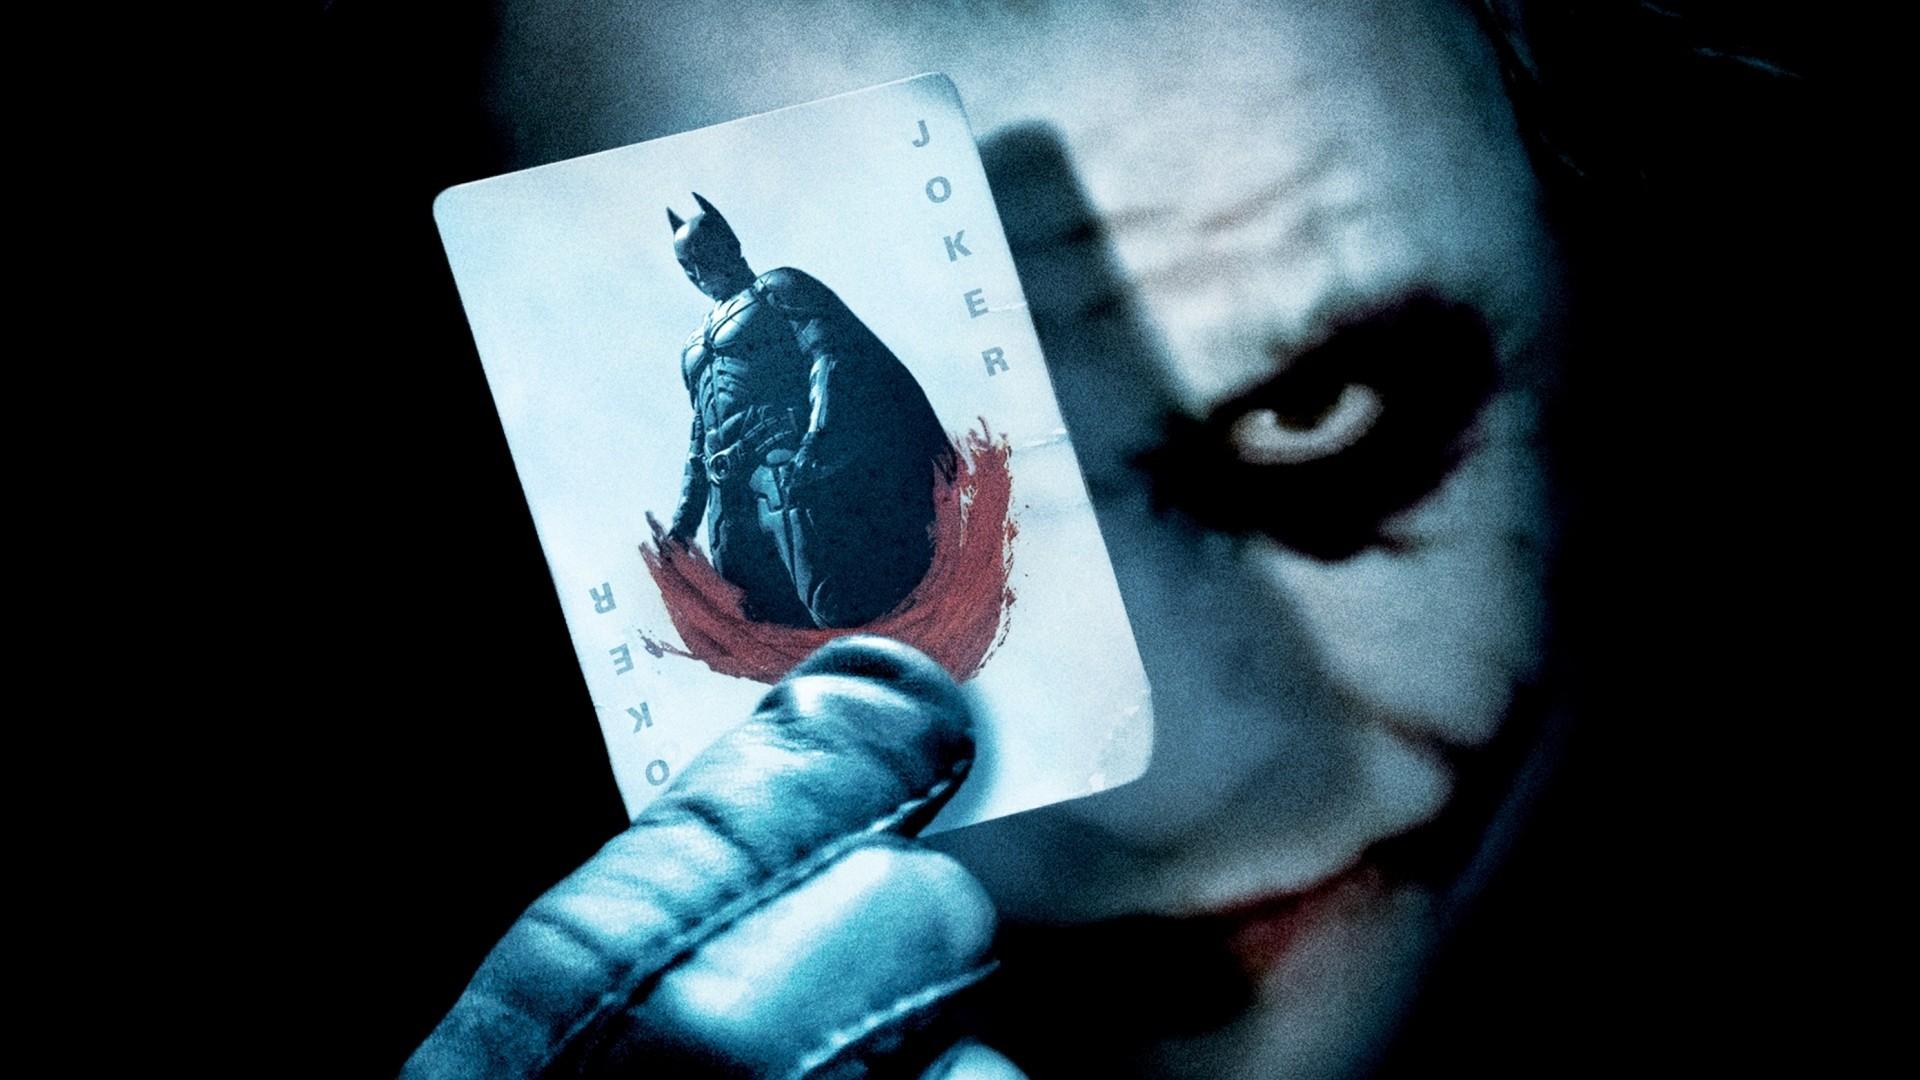 Wallpaper Batman HD Gratuit à Télécharger sur NGN Mag